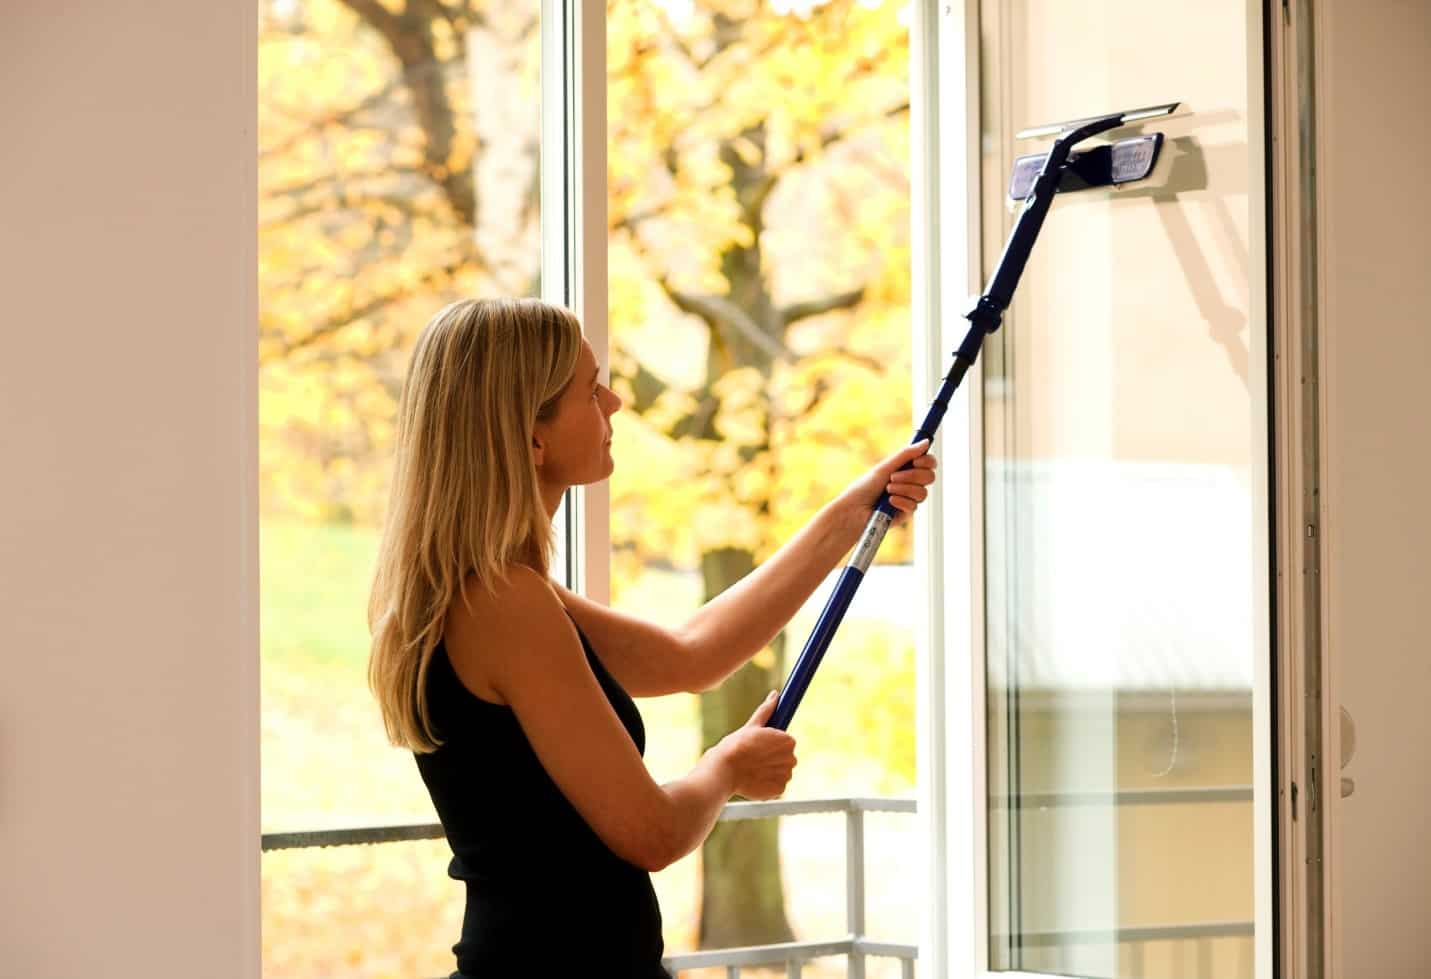 Когда лучше мыть окна | Как мыть окна шваброй для мытья окон